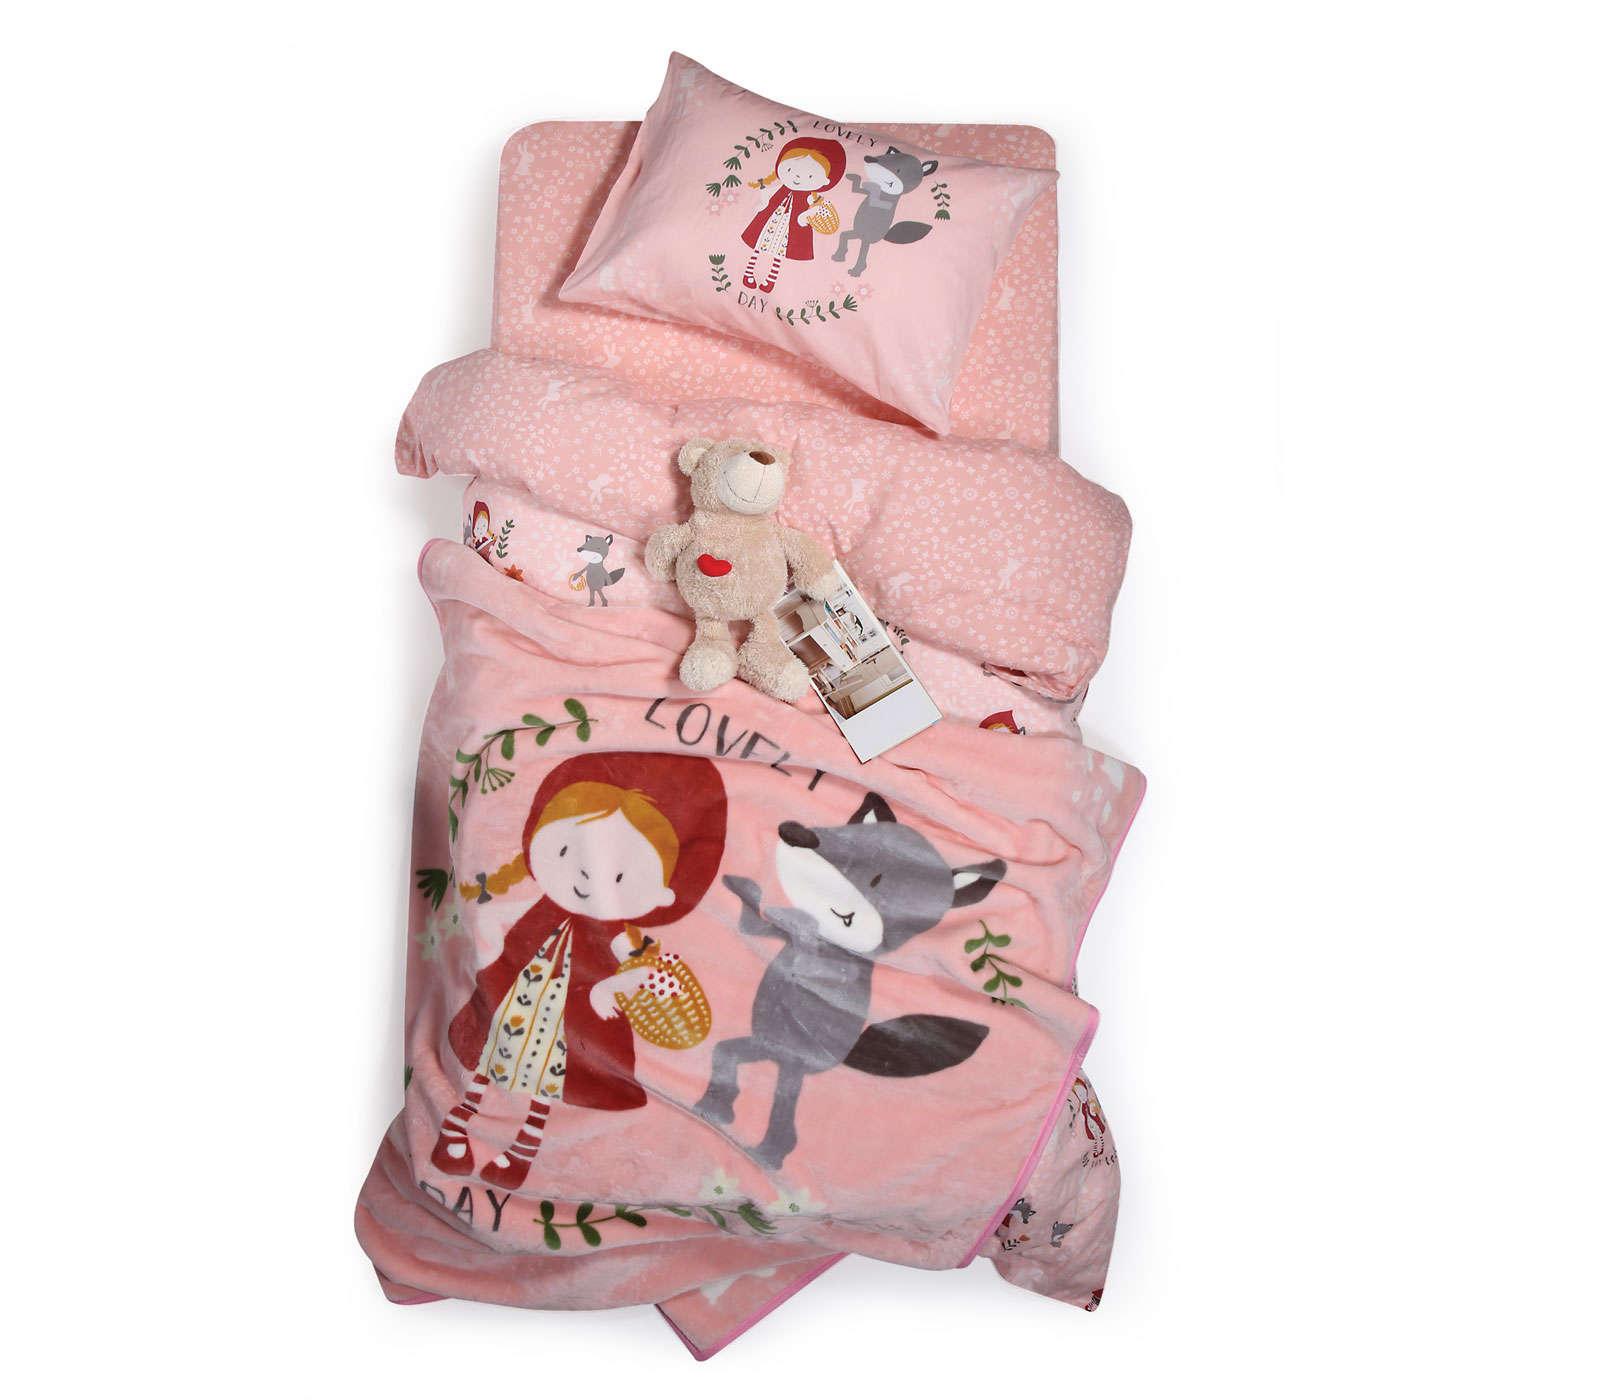 Κουβέρτα Παιδική Red Riding Hood Pink Nef Nef Μονό 160x220cm